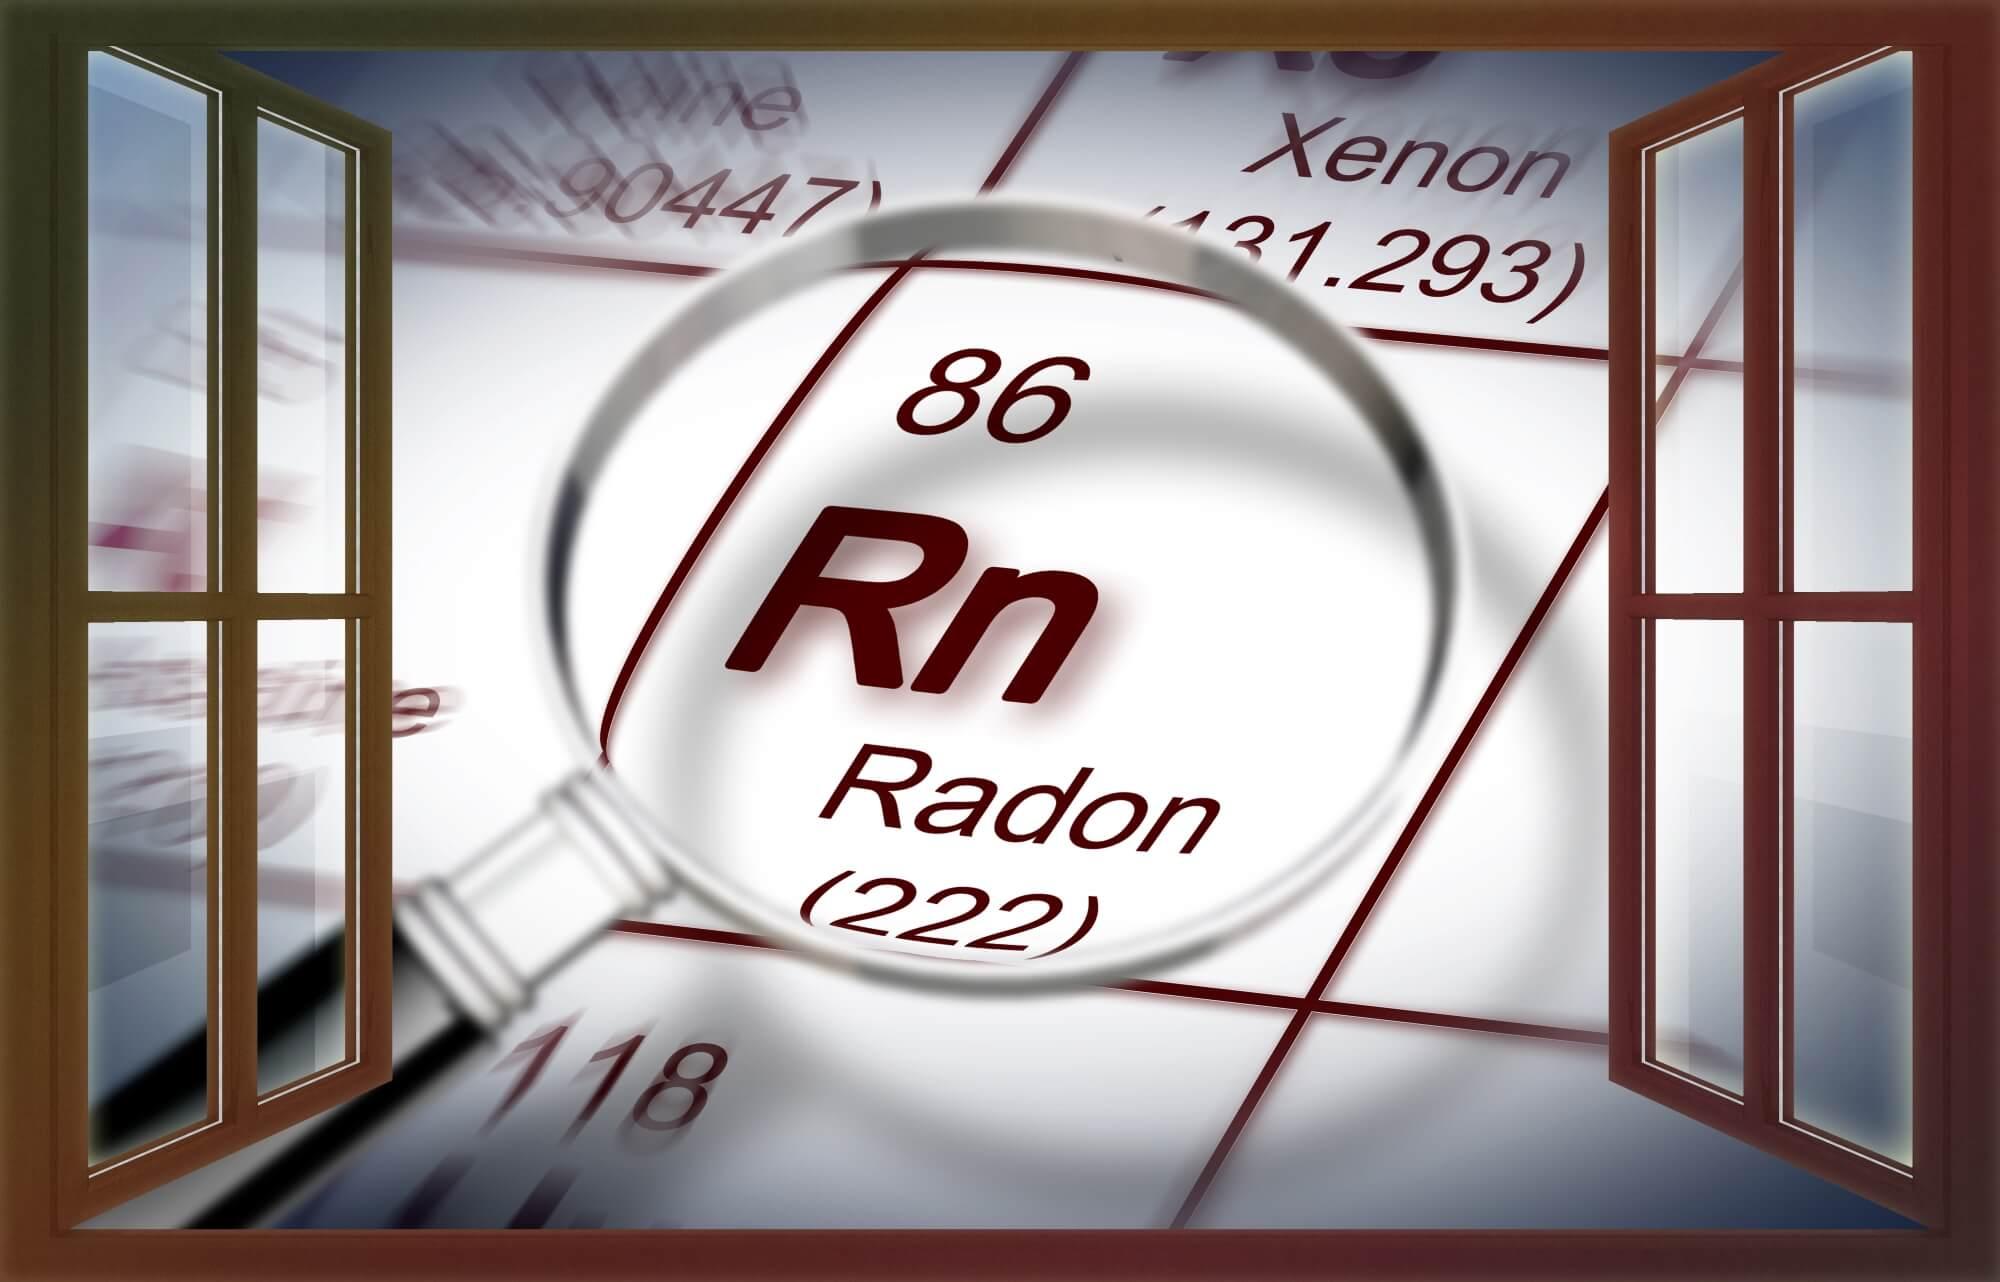 בדיקת גז ראדון